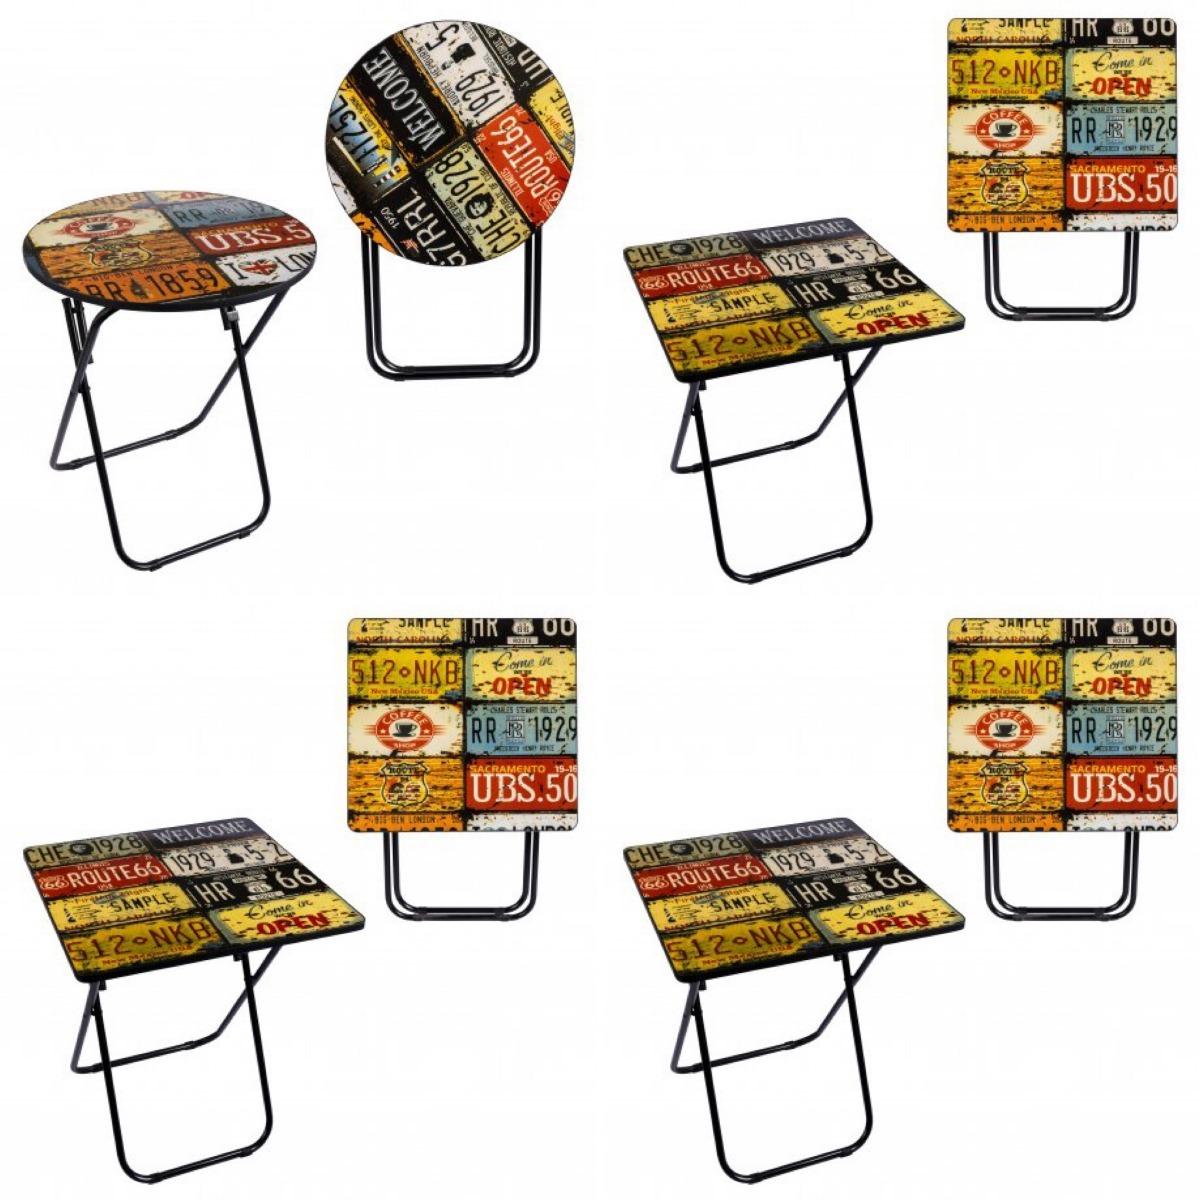 Retro Cuadrada Vintage Plegable Mesa Redonda cRq435ALSj